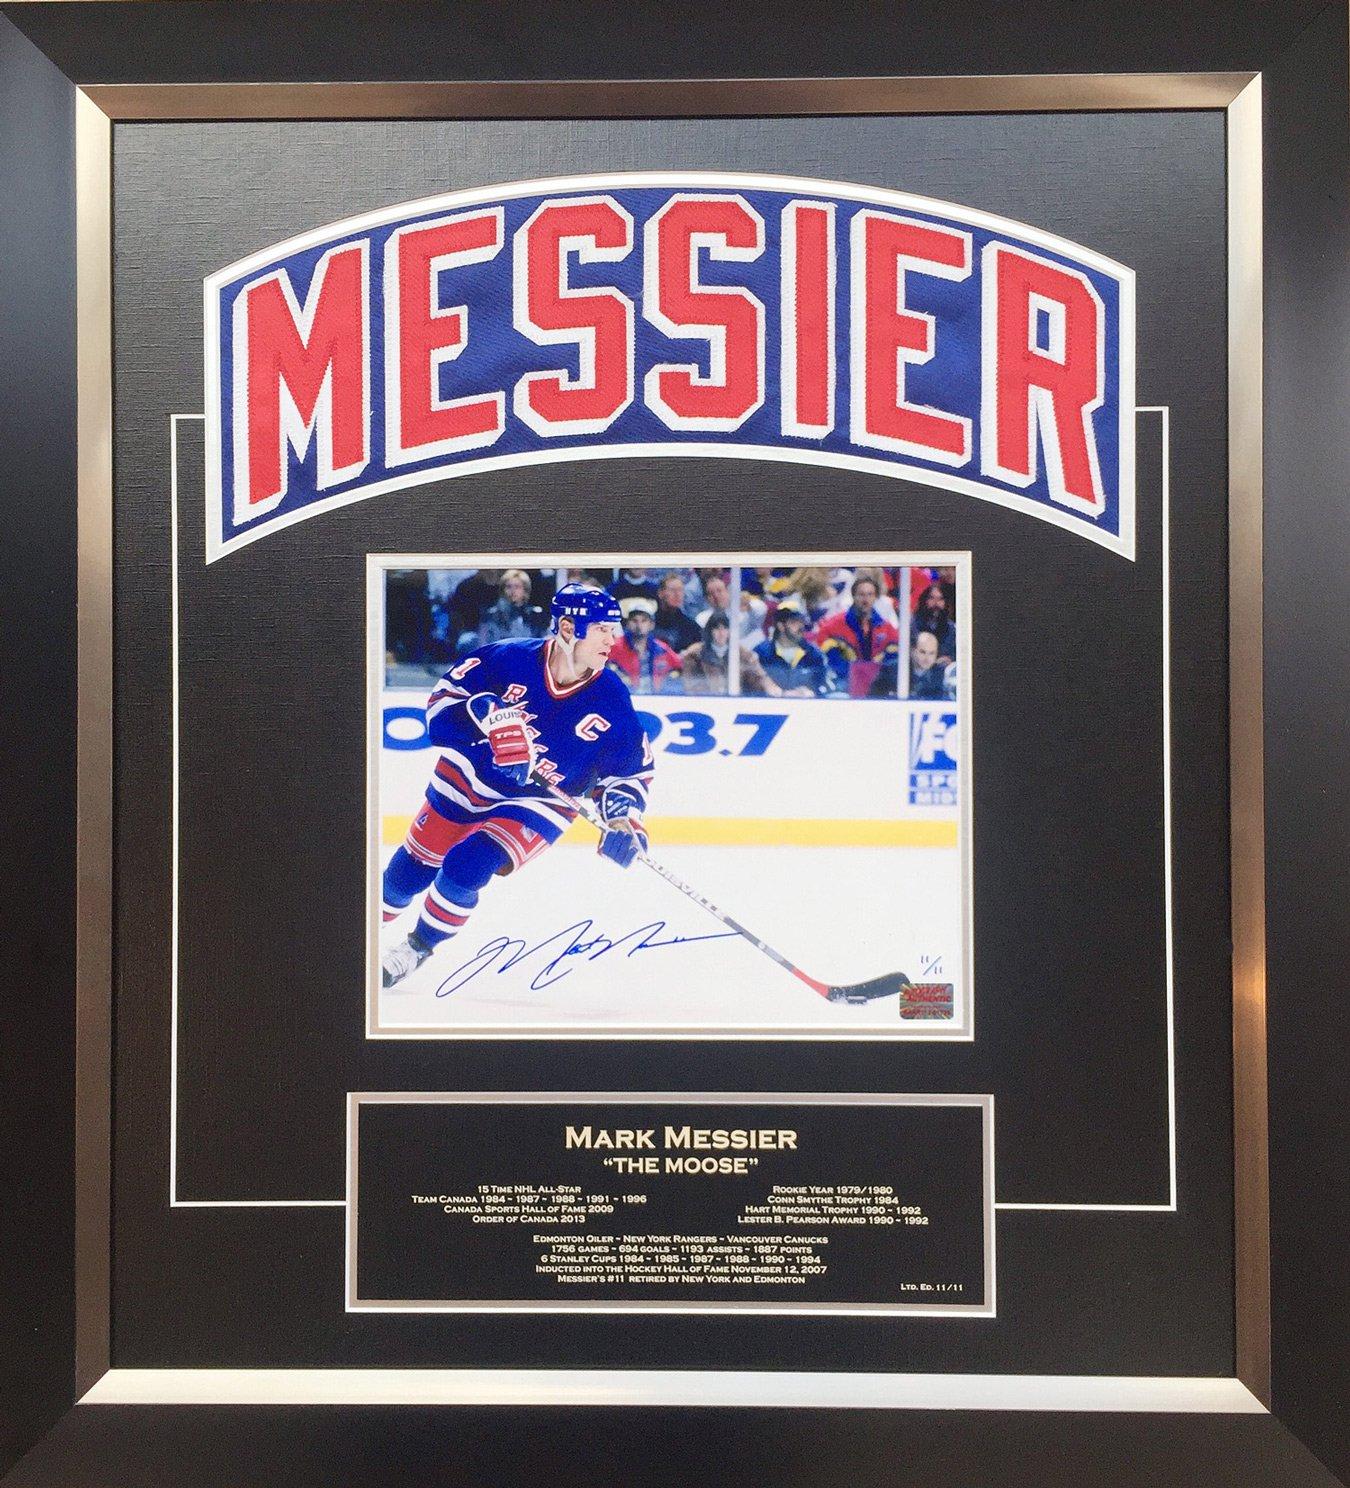 Mark Messier Framed Namebar Signed, NY Rangers, Ltd Ed 11/11 - Career Stats